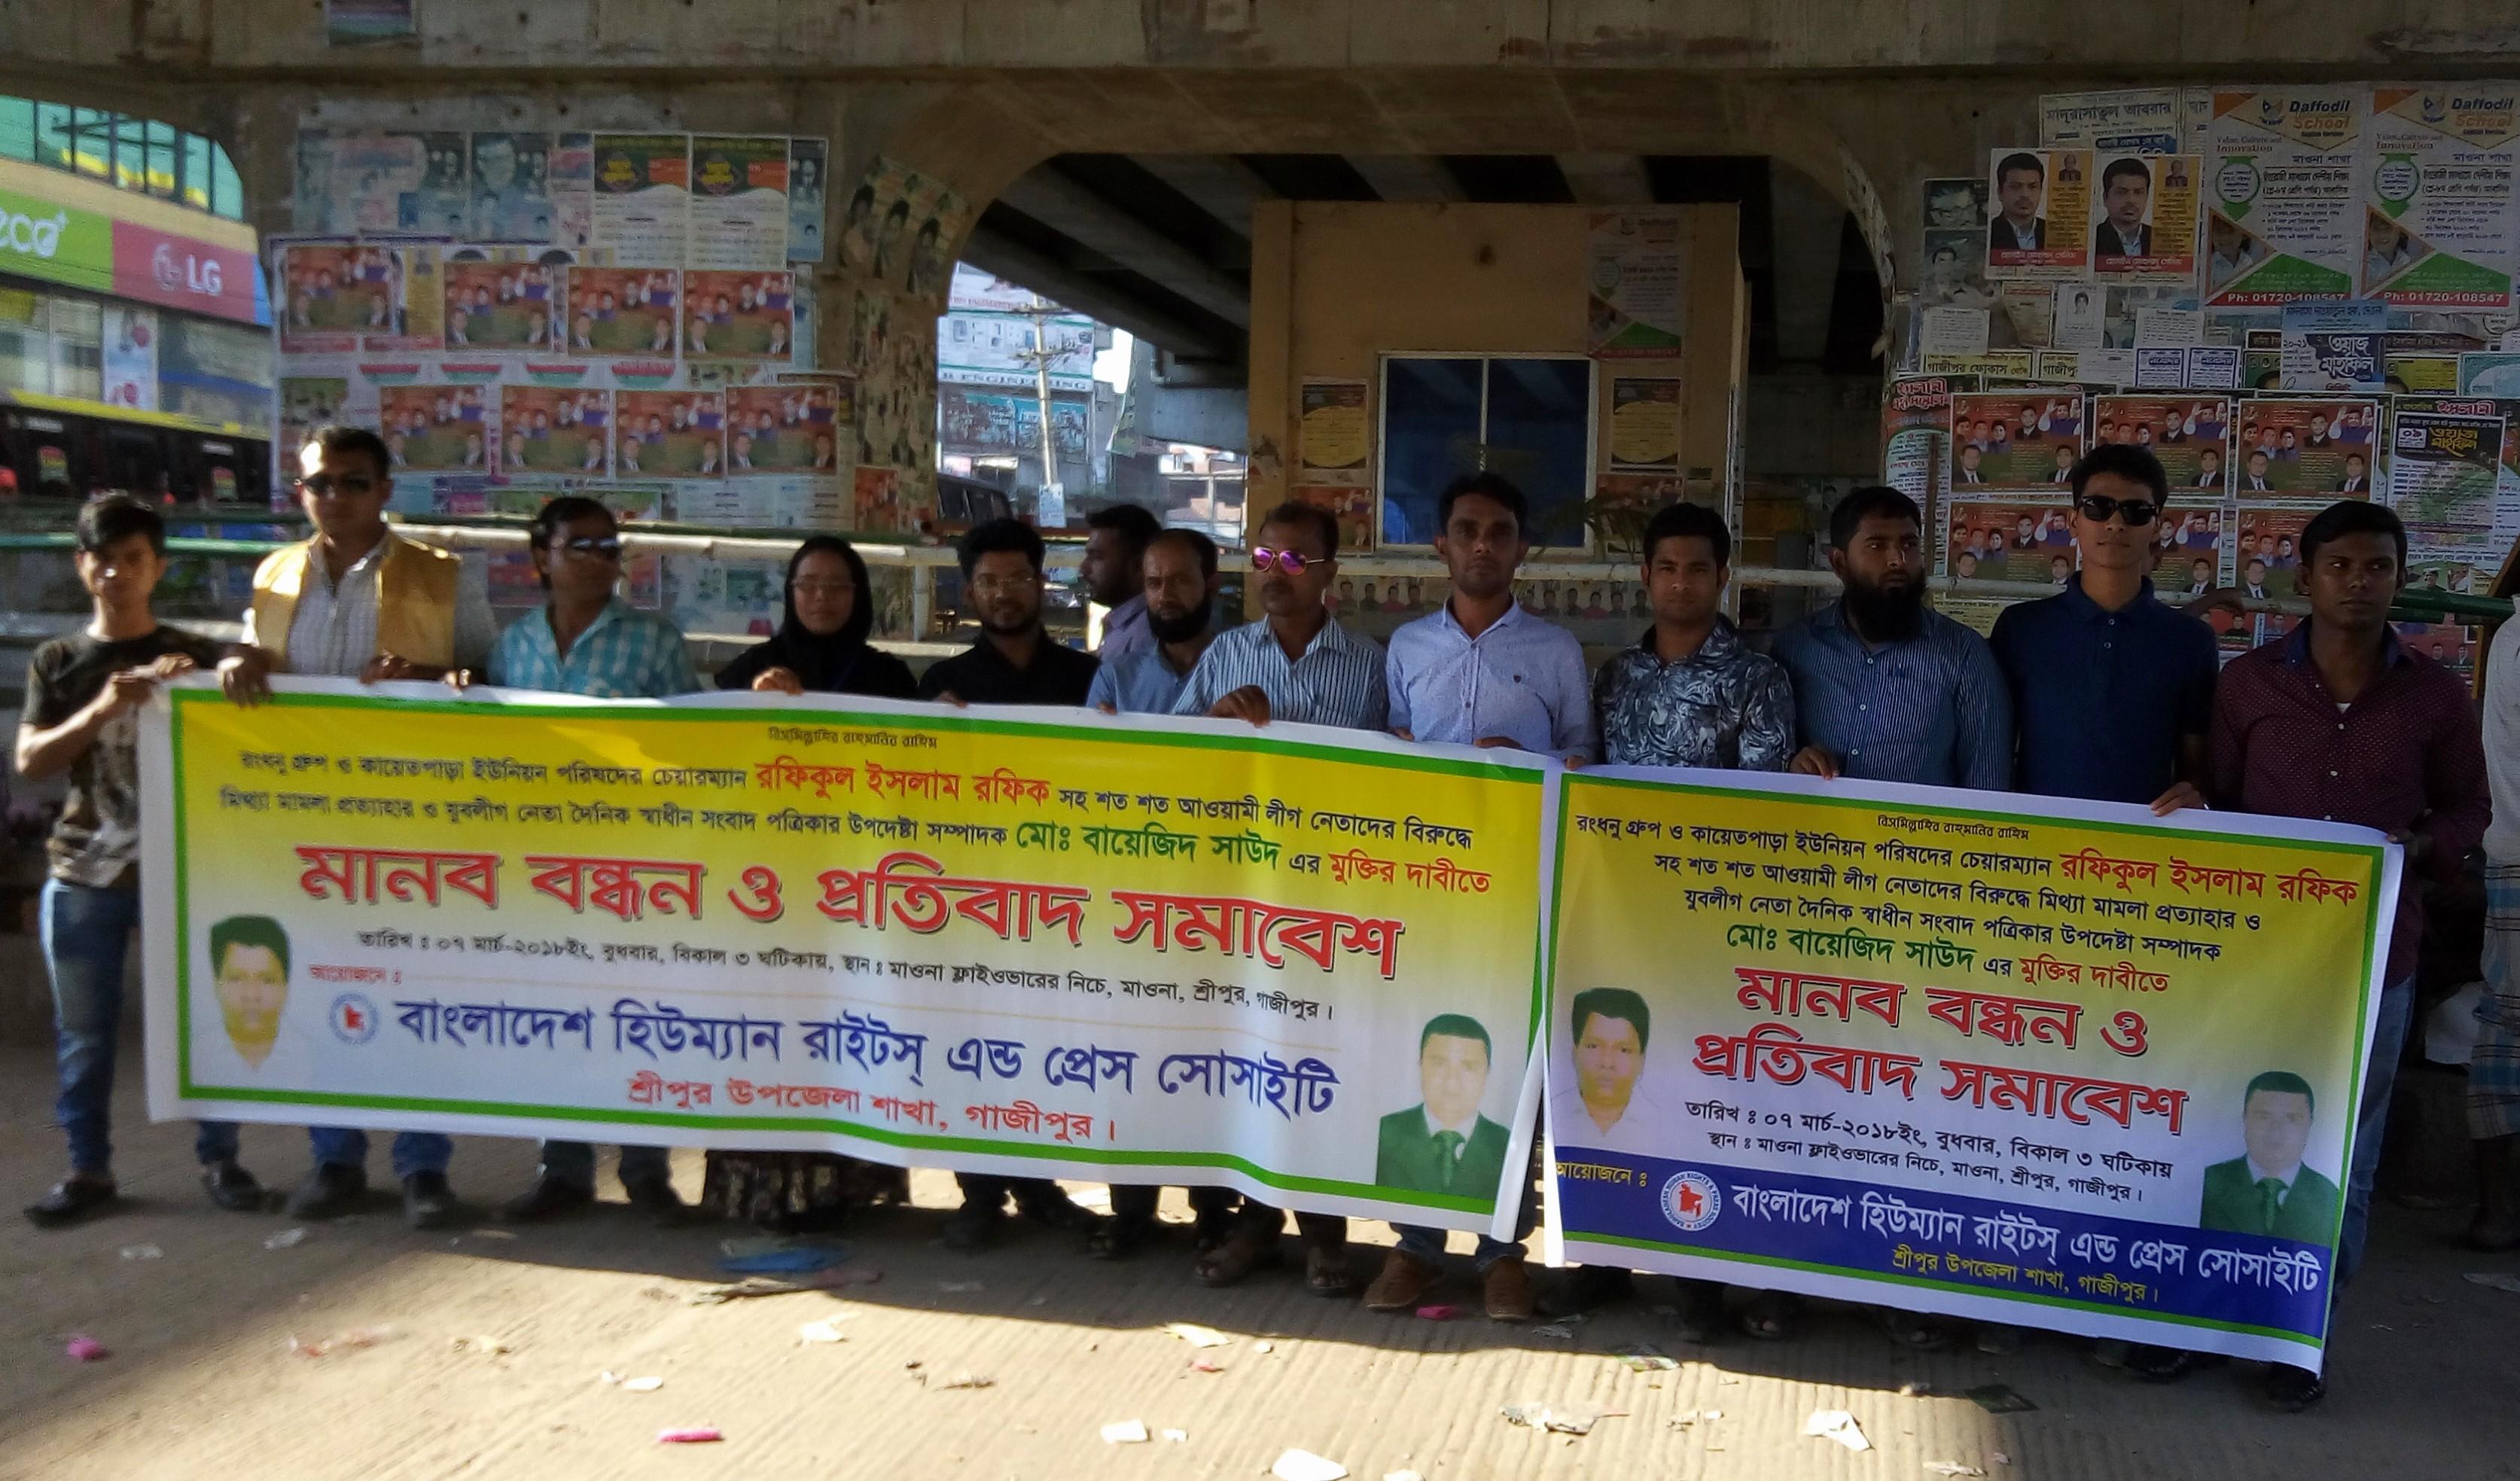 গাজীপুর জেলার শ্রীপুরে মানববন্ধন ও প্রতিবাদ সমাবেশ